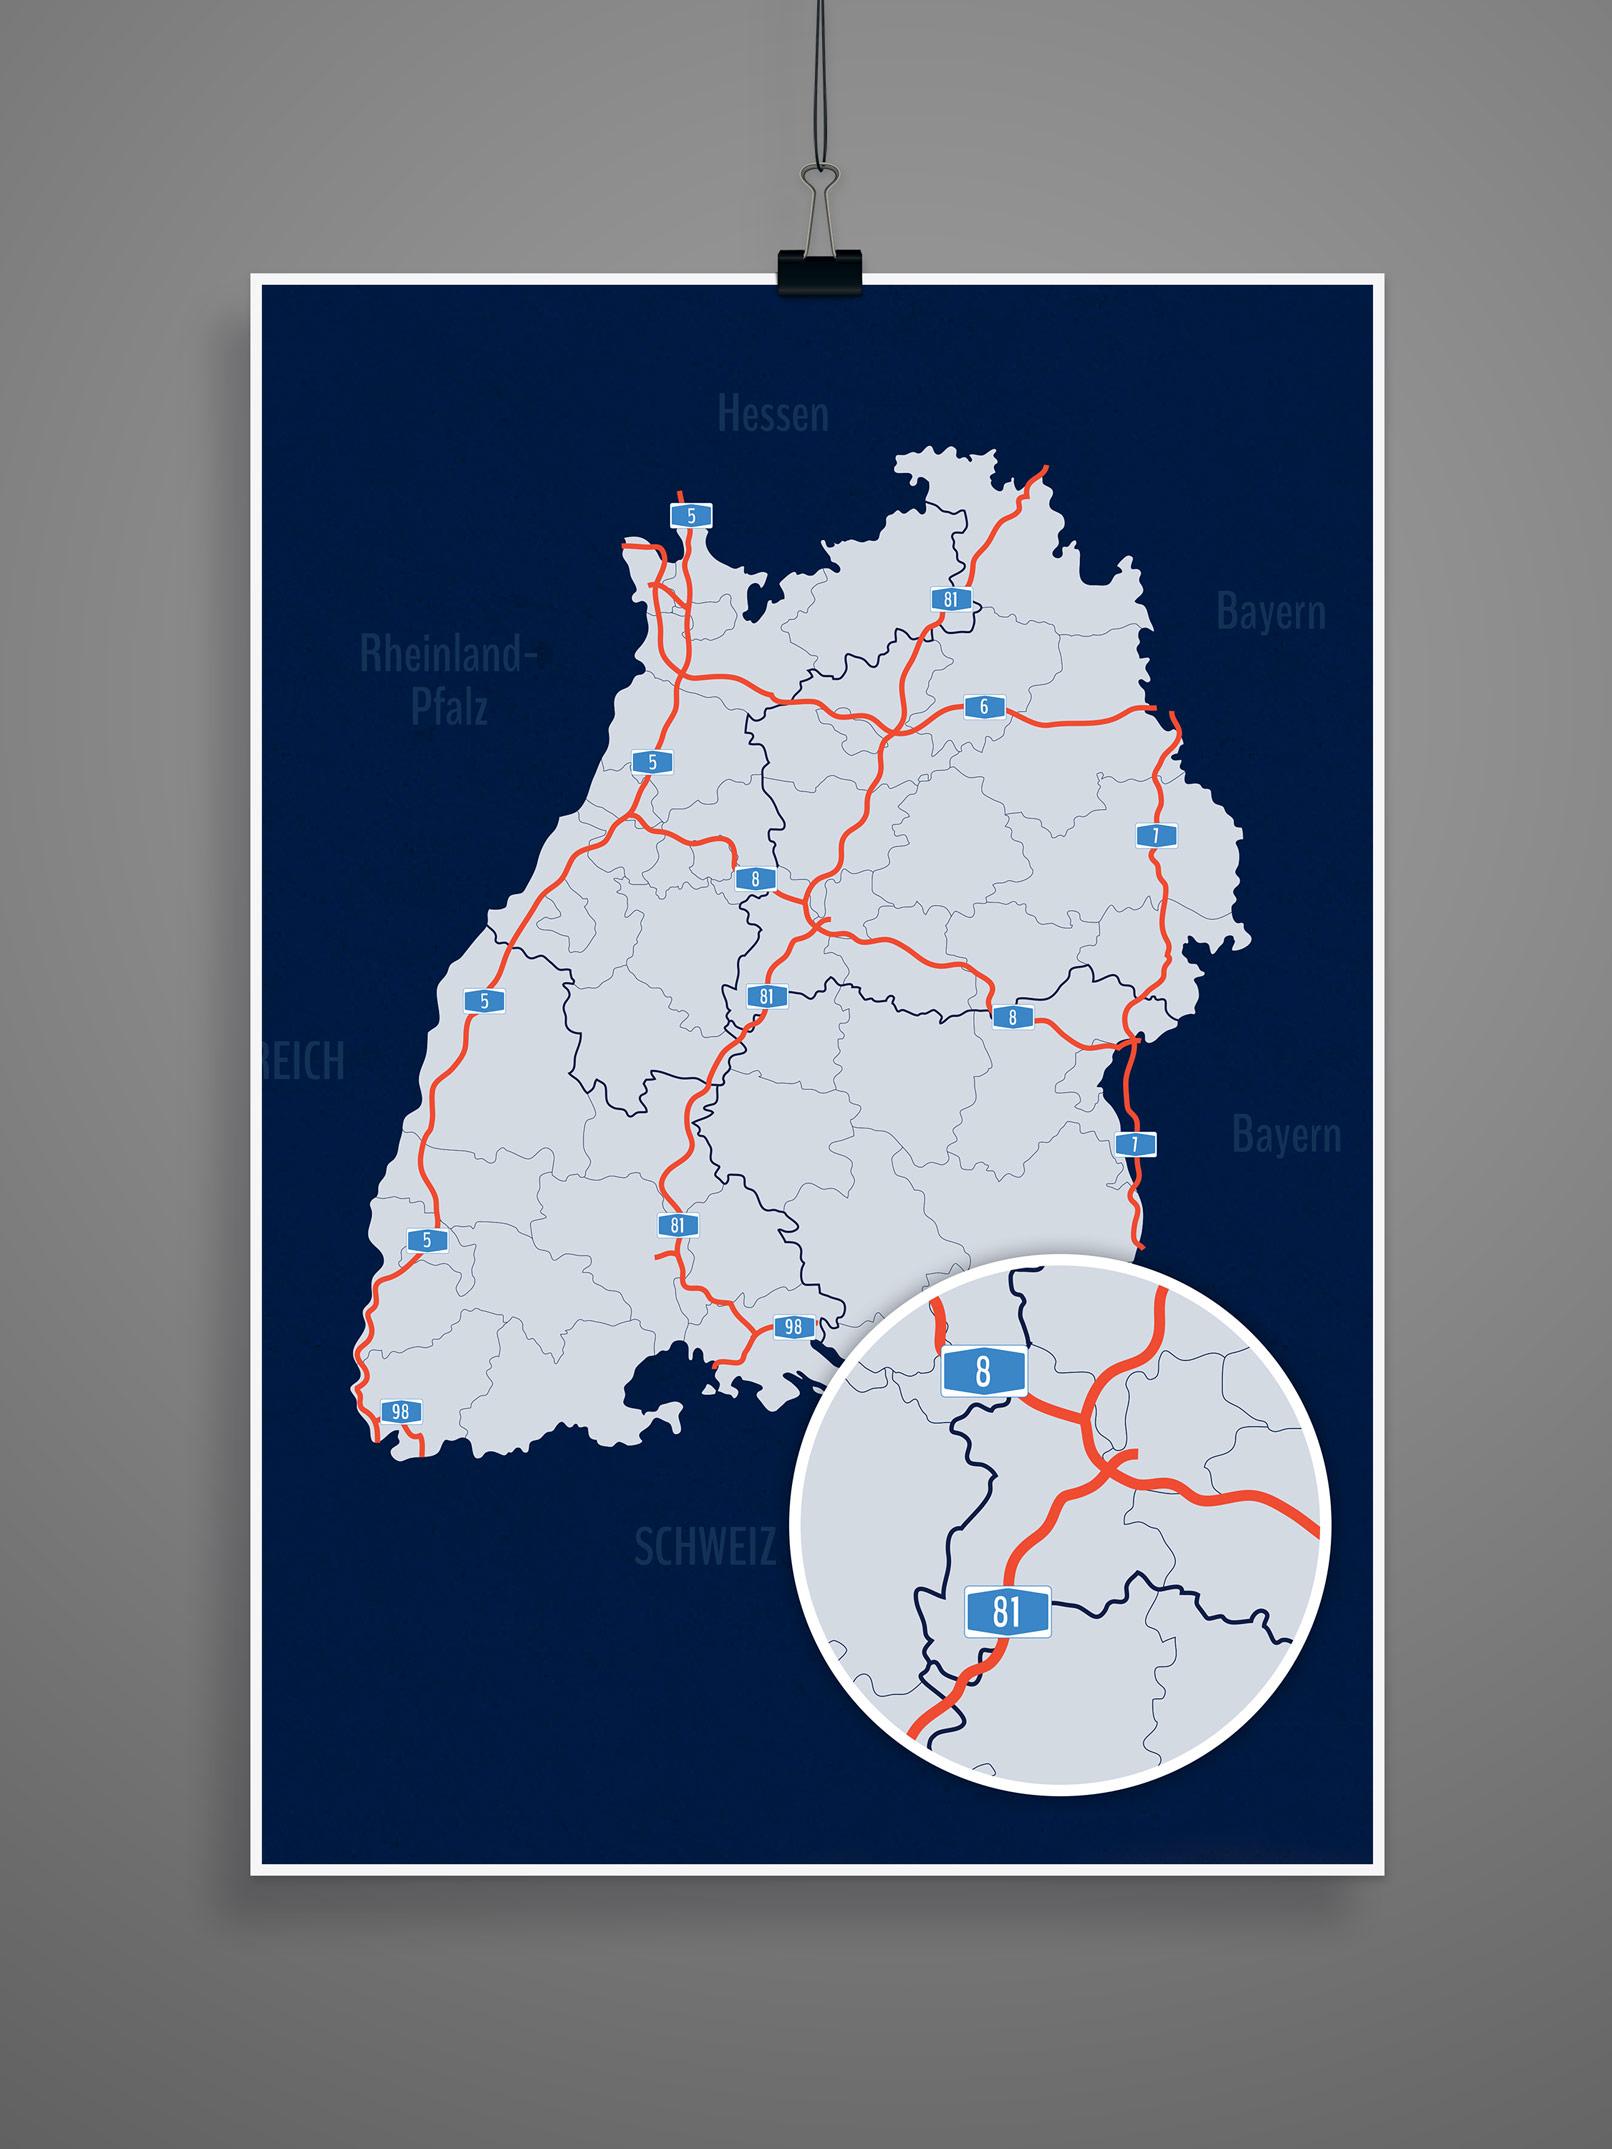 Landkarte von Baden-Württemberg mit allen Stadt- und Landkreisen, inklusive Autobahnen